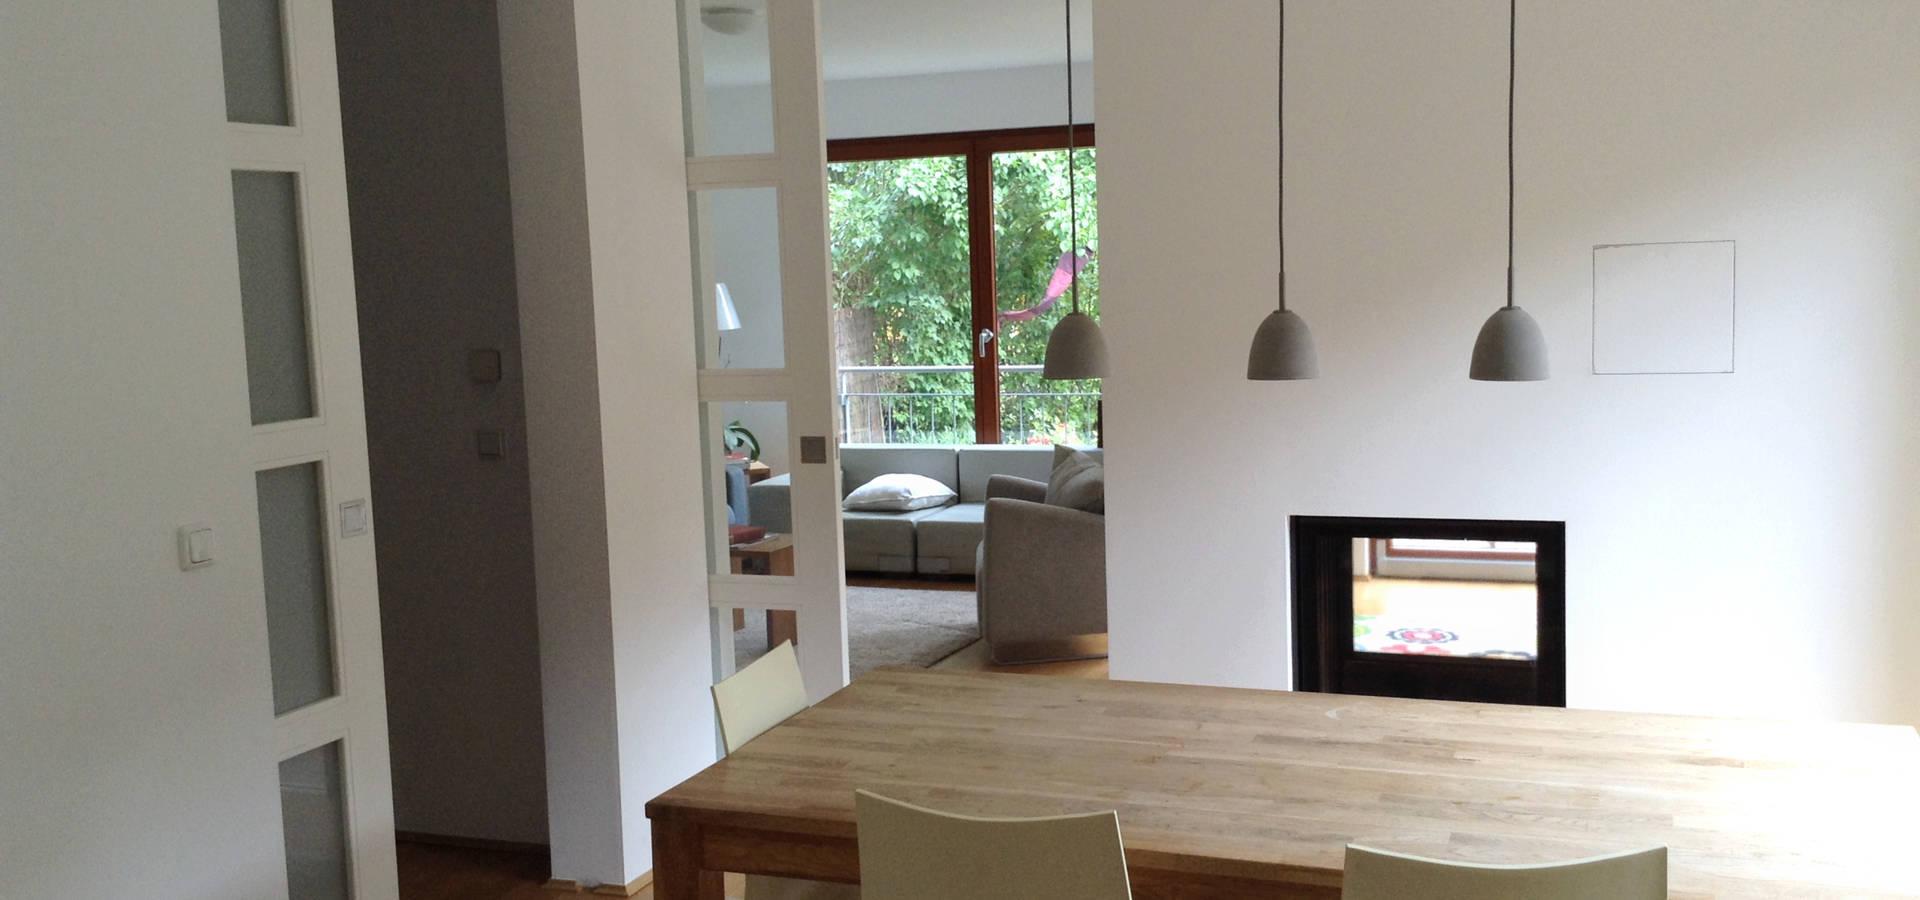 Umbau Wohnbereich Mit Offener Küche Von Das Werkhaus Langerwisch